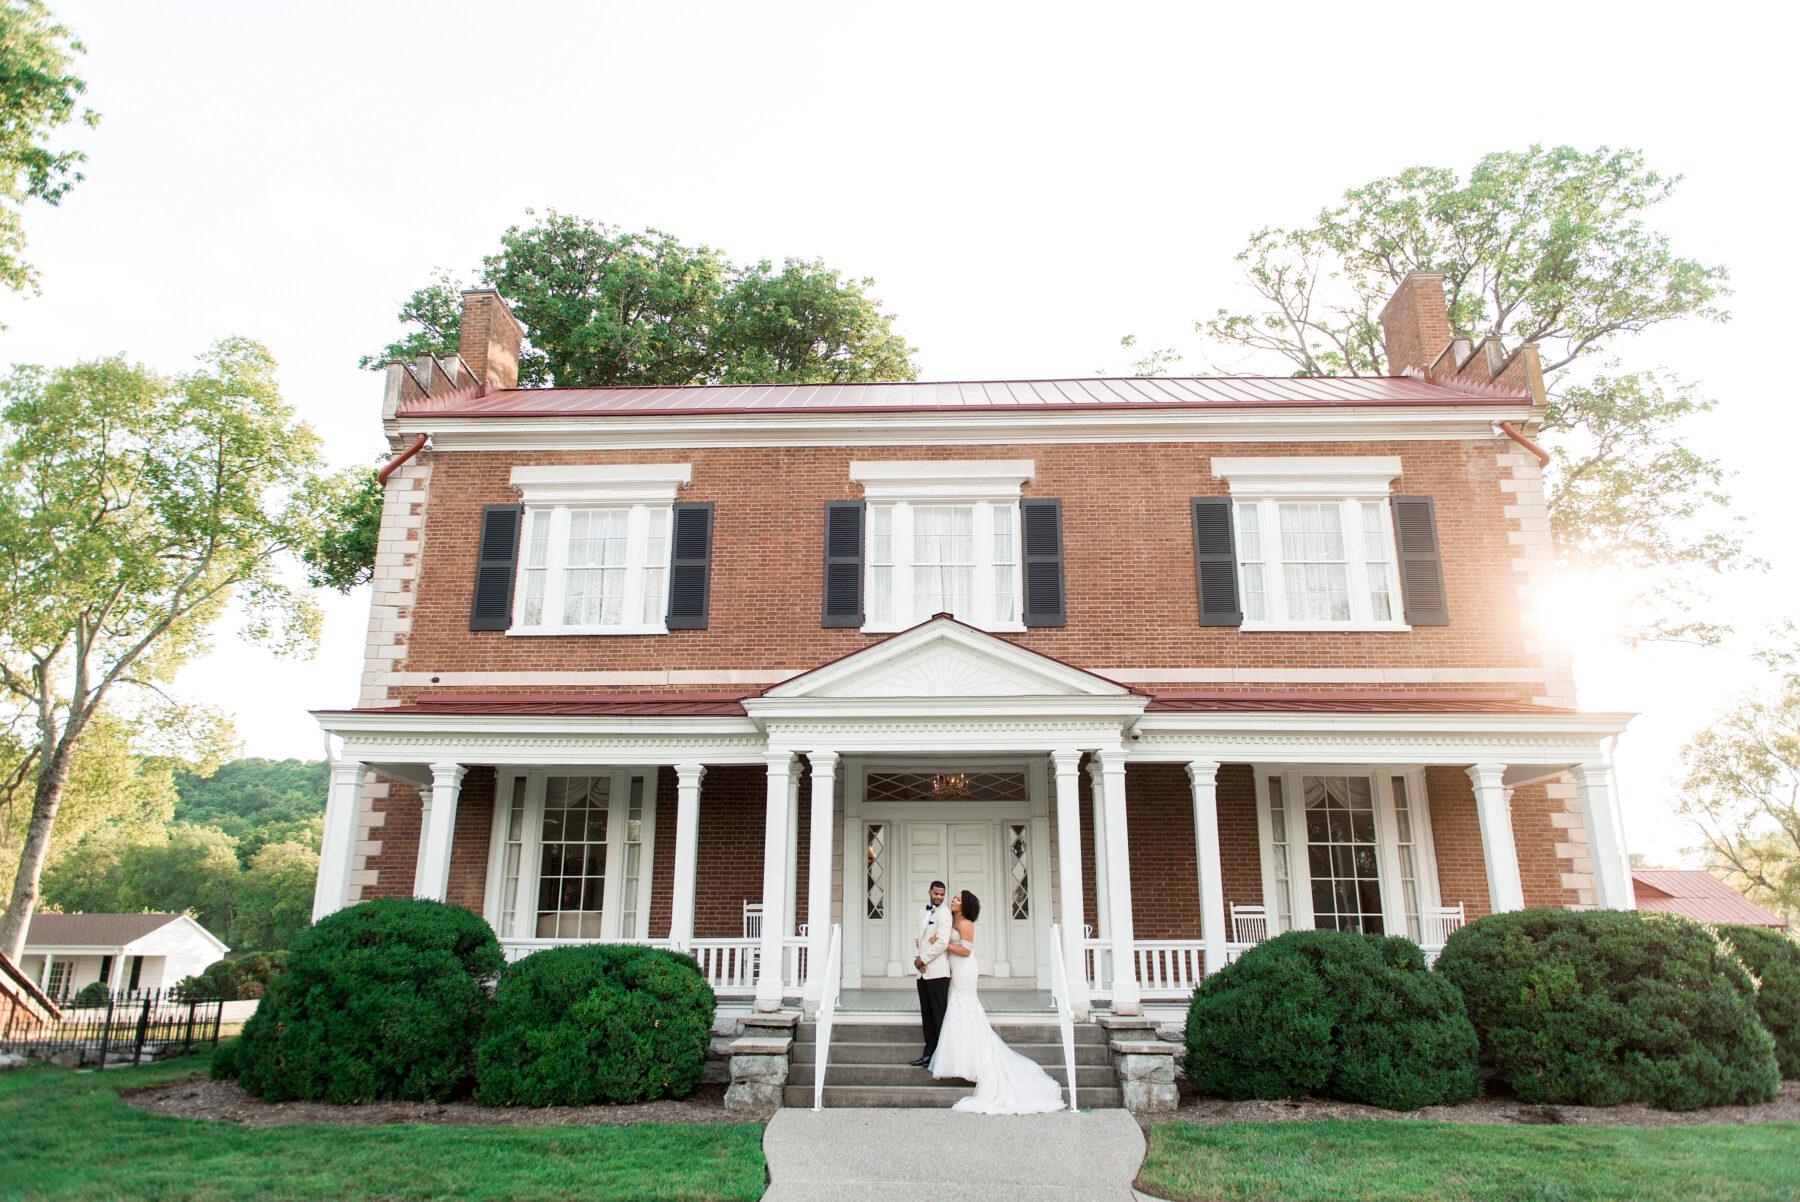 Nashville Wedding Venue Ravenswood Mansion